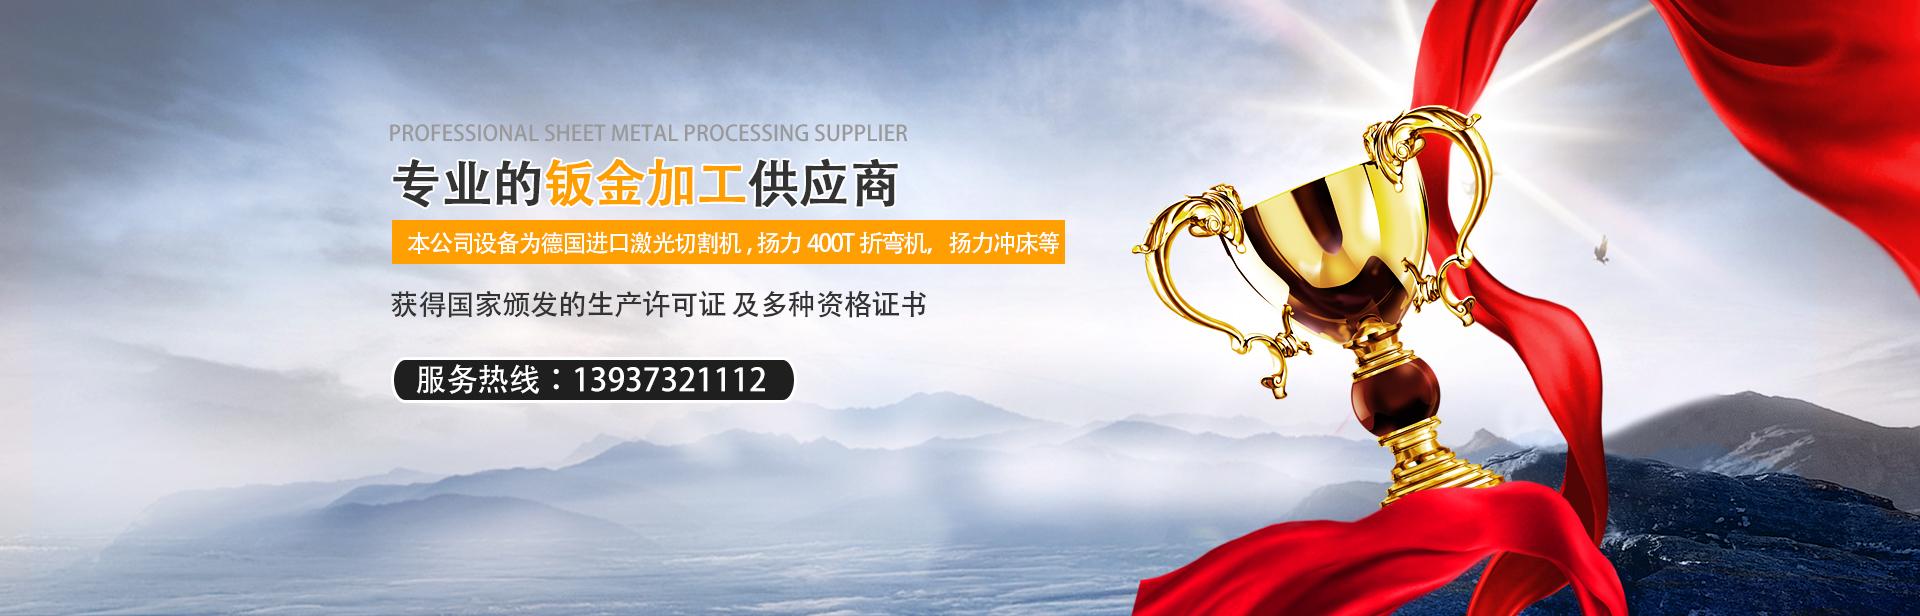 亿博娱乐官方网站登陆大康工业有限公司